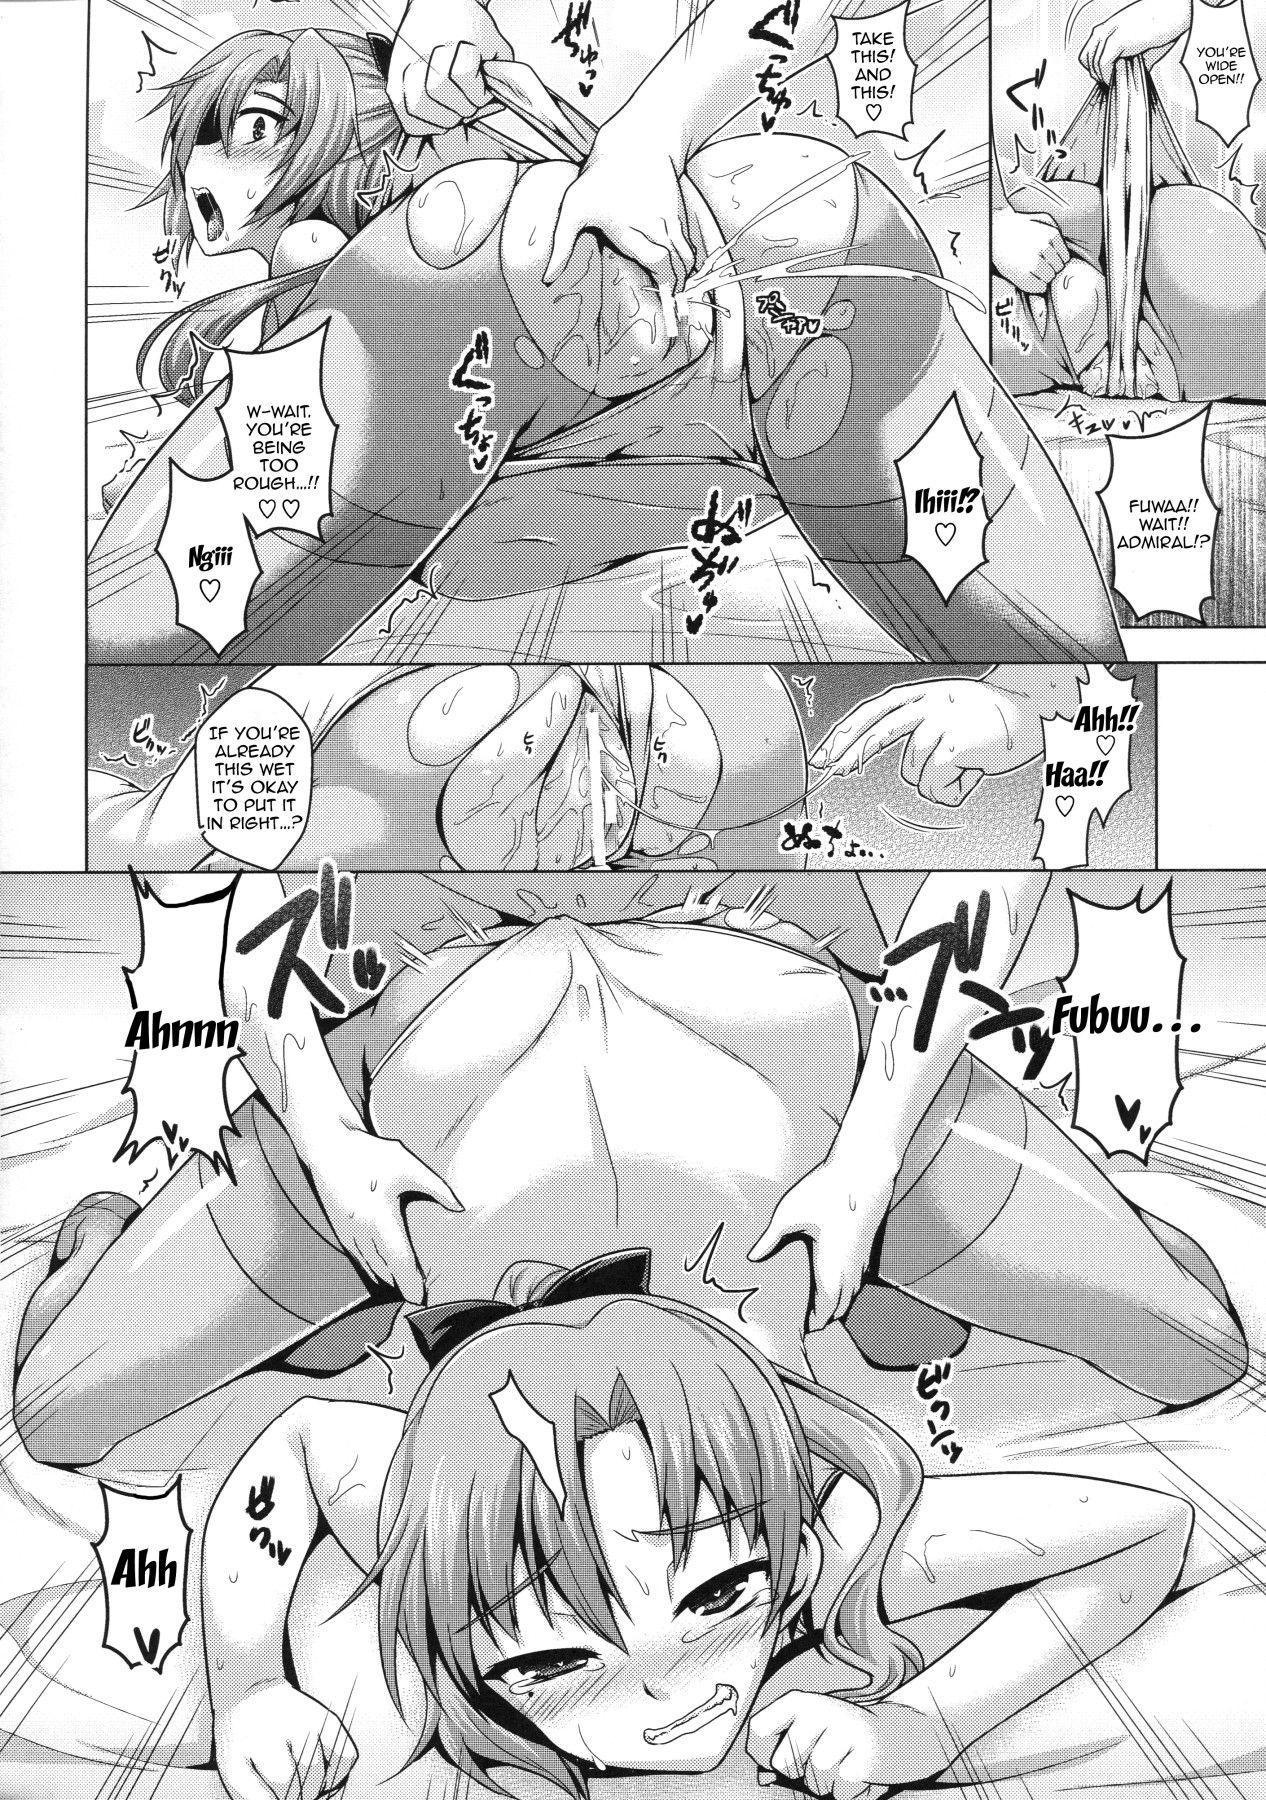 Akigumo Sensei no Usuihon | Akigumo Sensei's Thin Book 10